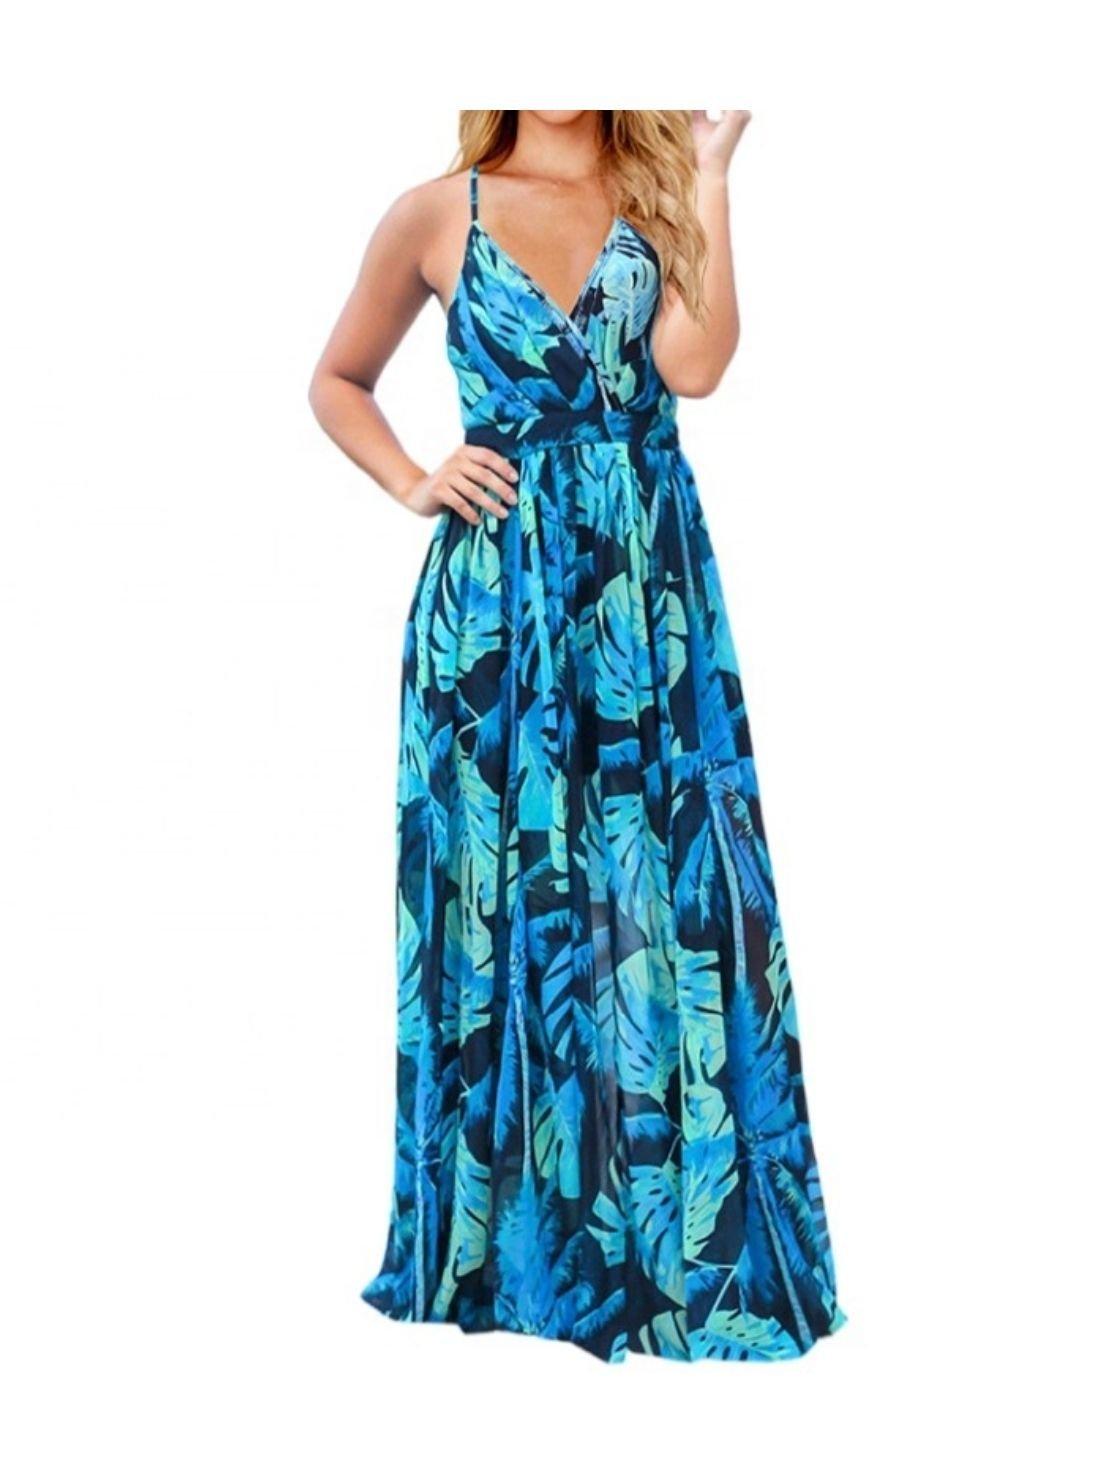 Flower Dress Clothing for Tall Women